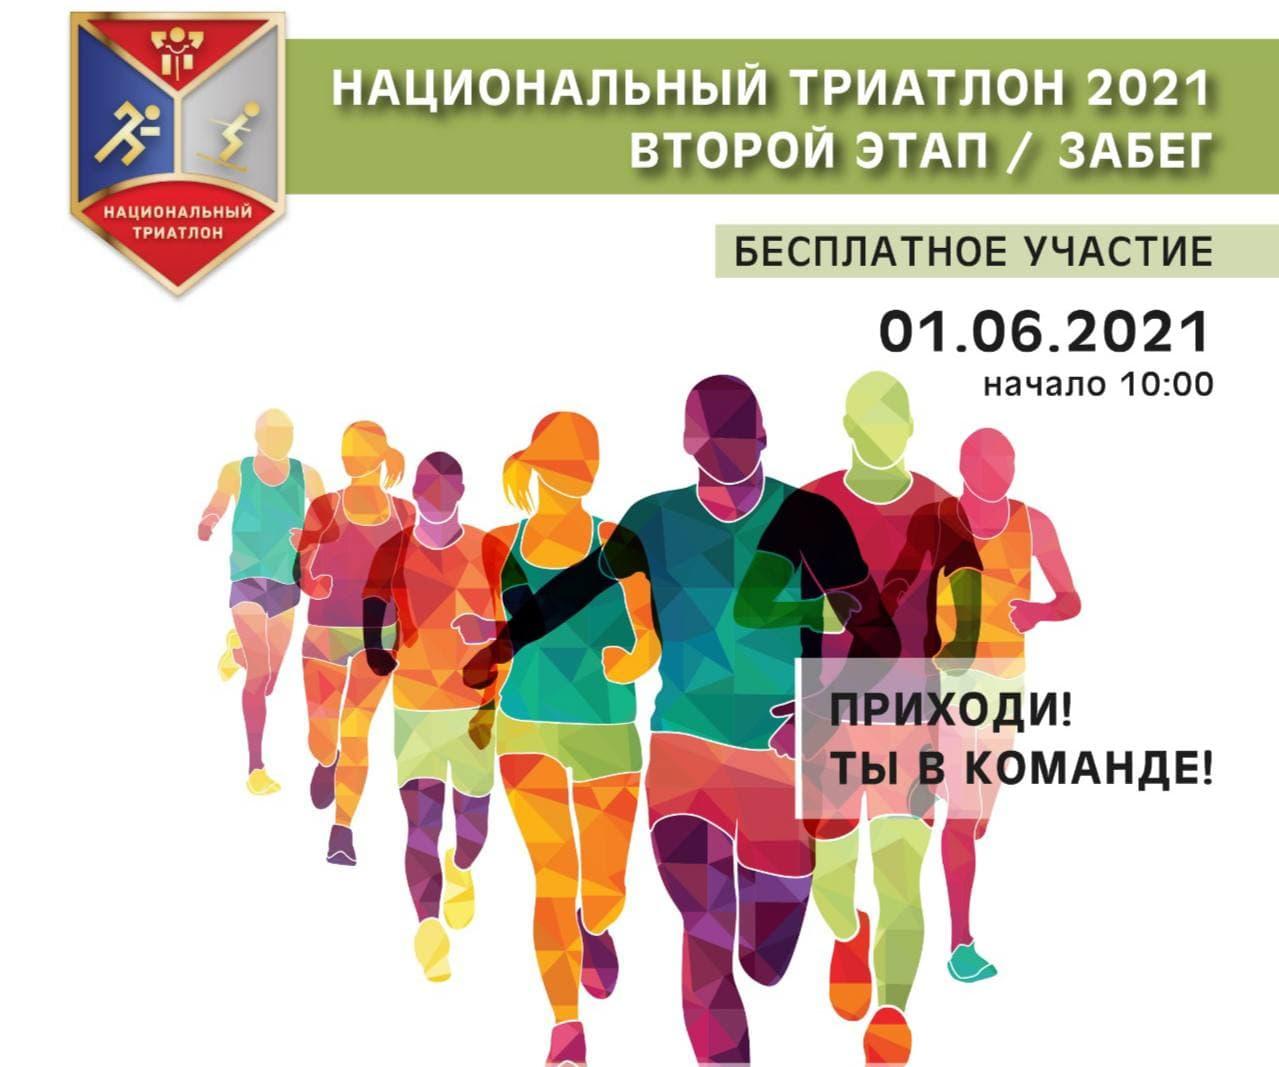 В Подмосковье пройдёт II этап социально-ориентированного проекта «Национальный триатлон 2021»